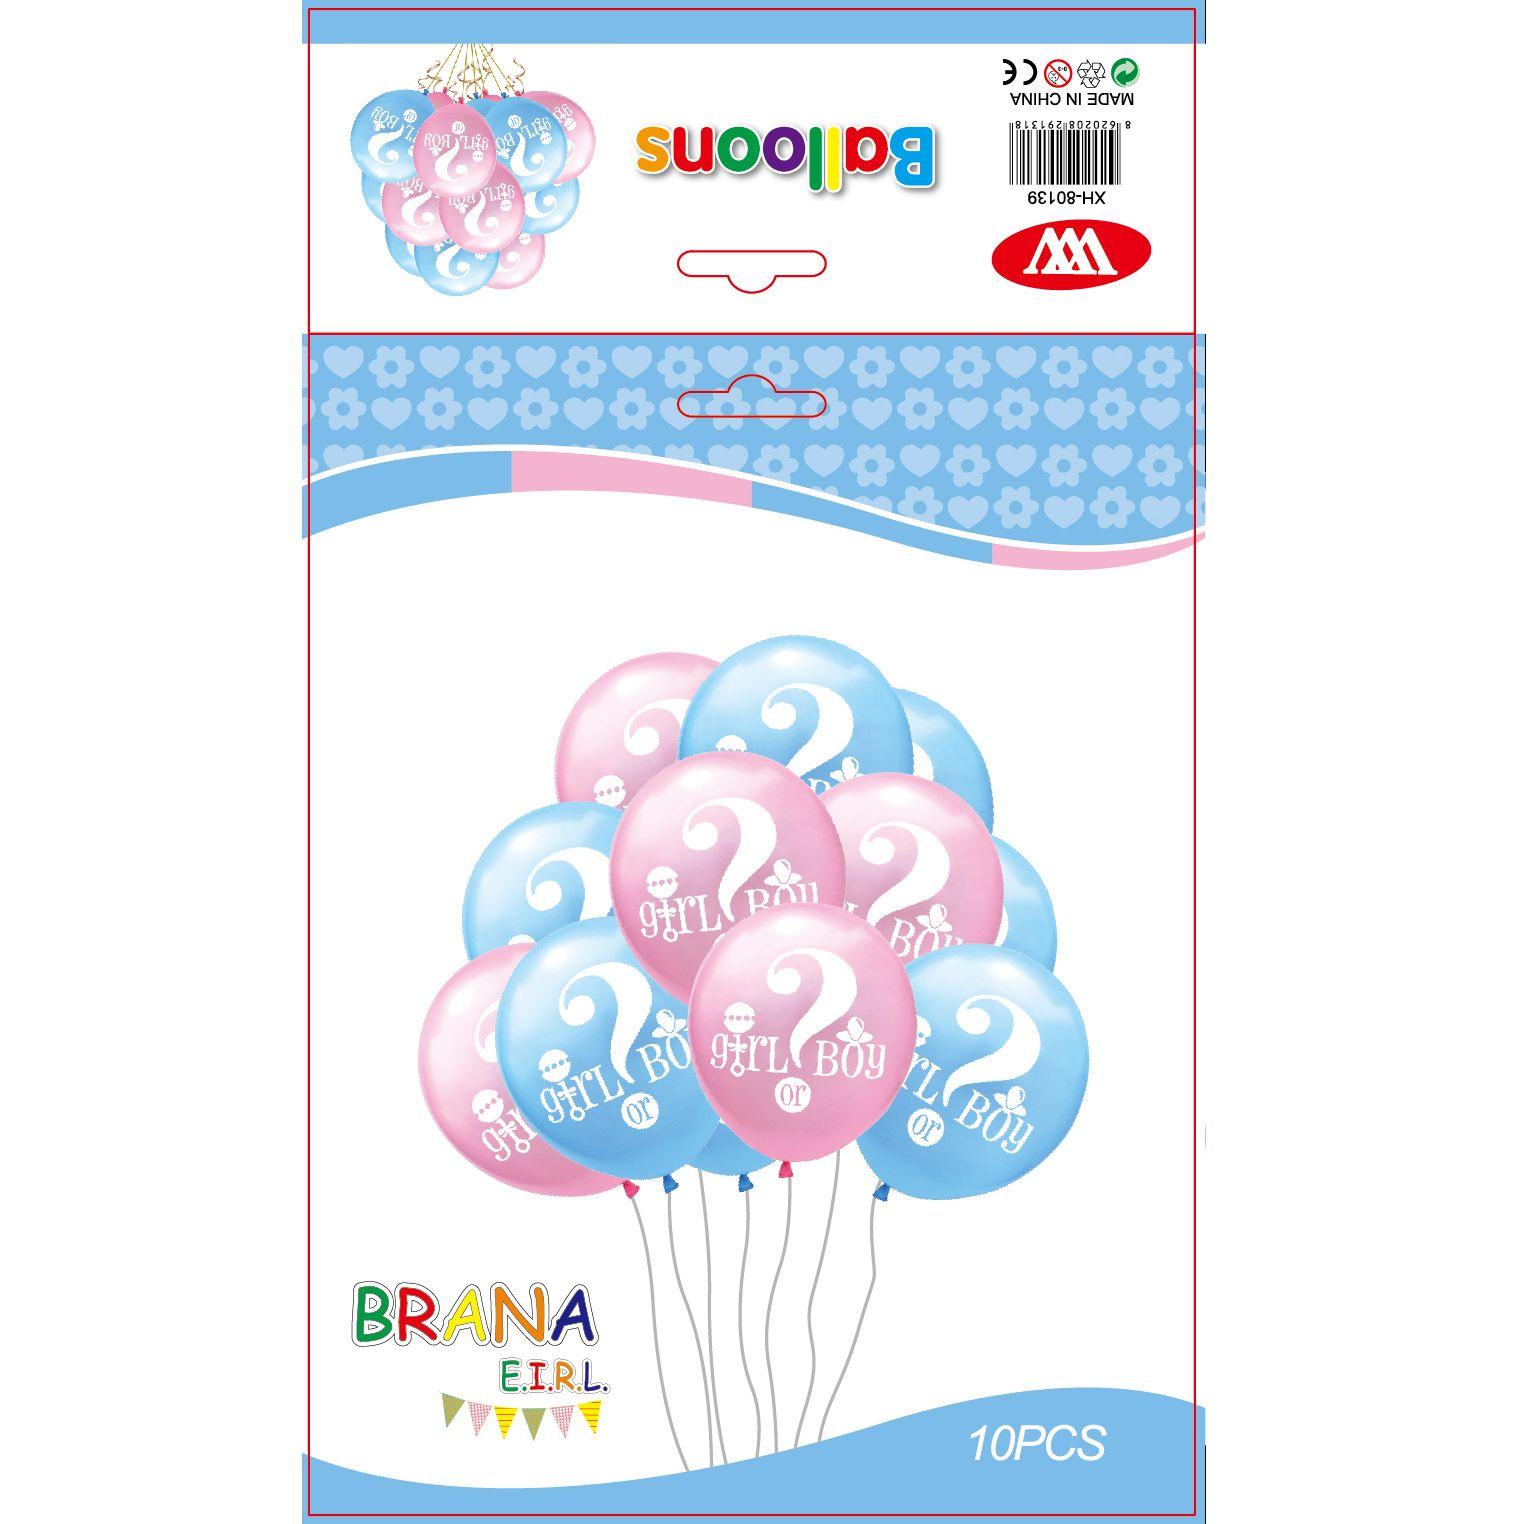 厂家直供 10pcs12寸男孩女孩气球套装 加厚蓝色粉色乳胶气球套装